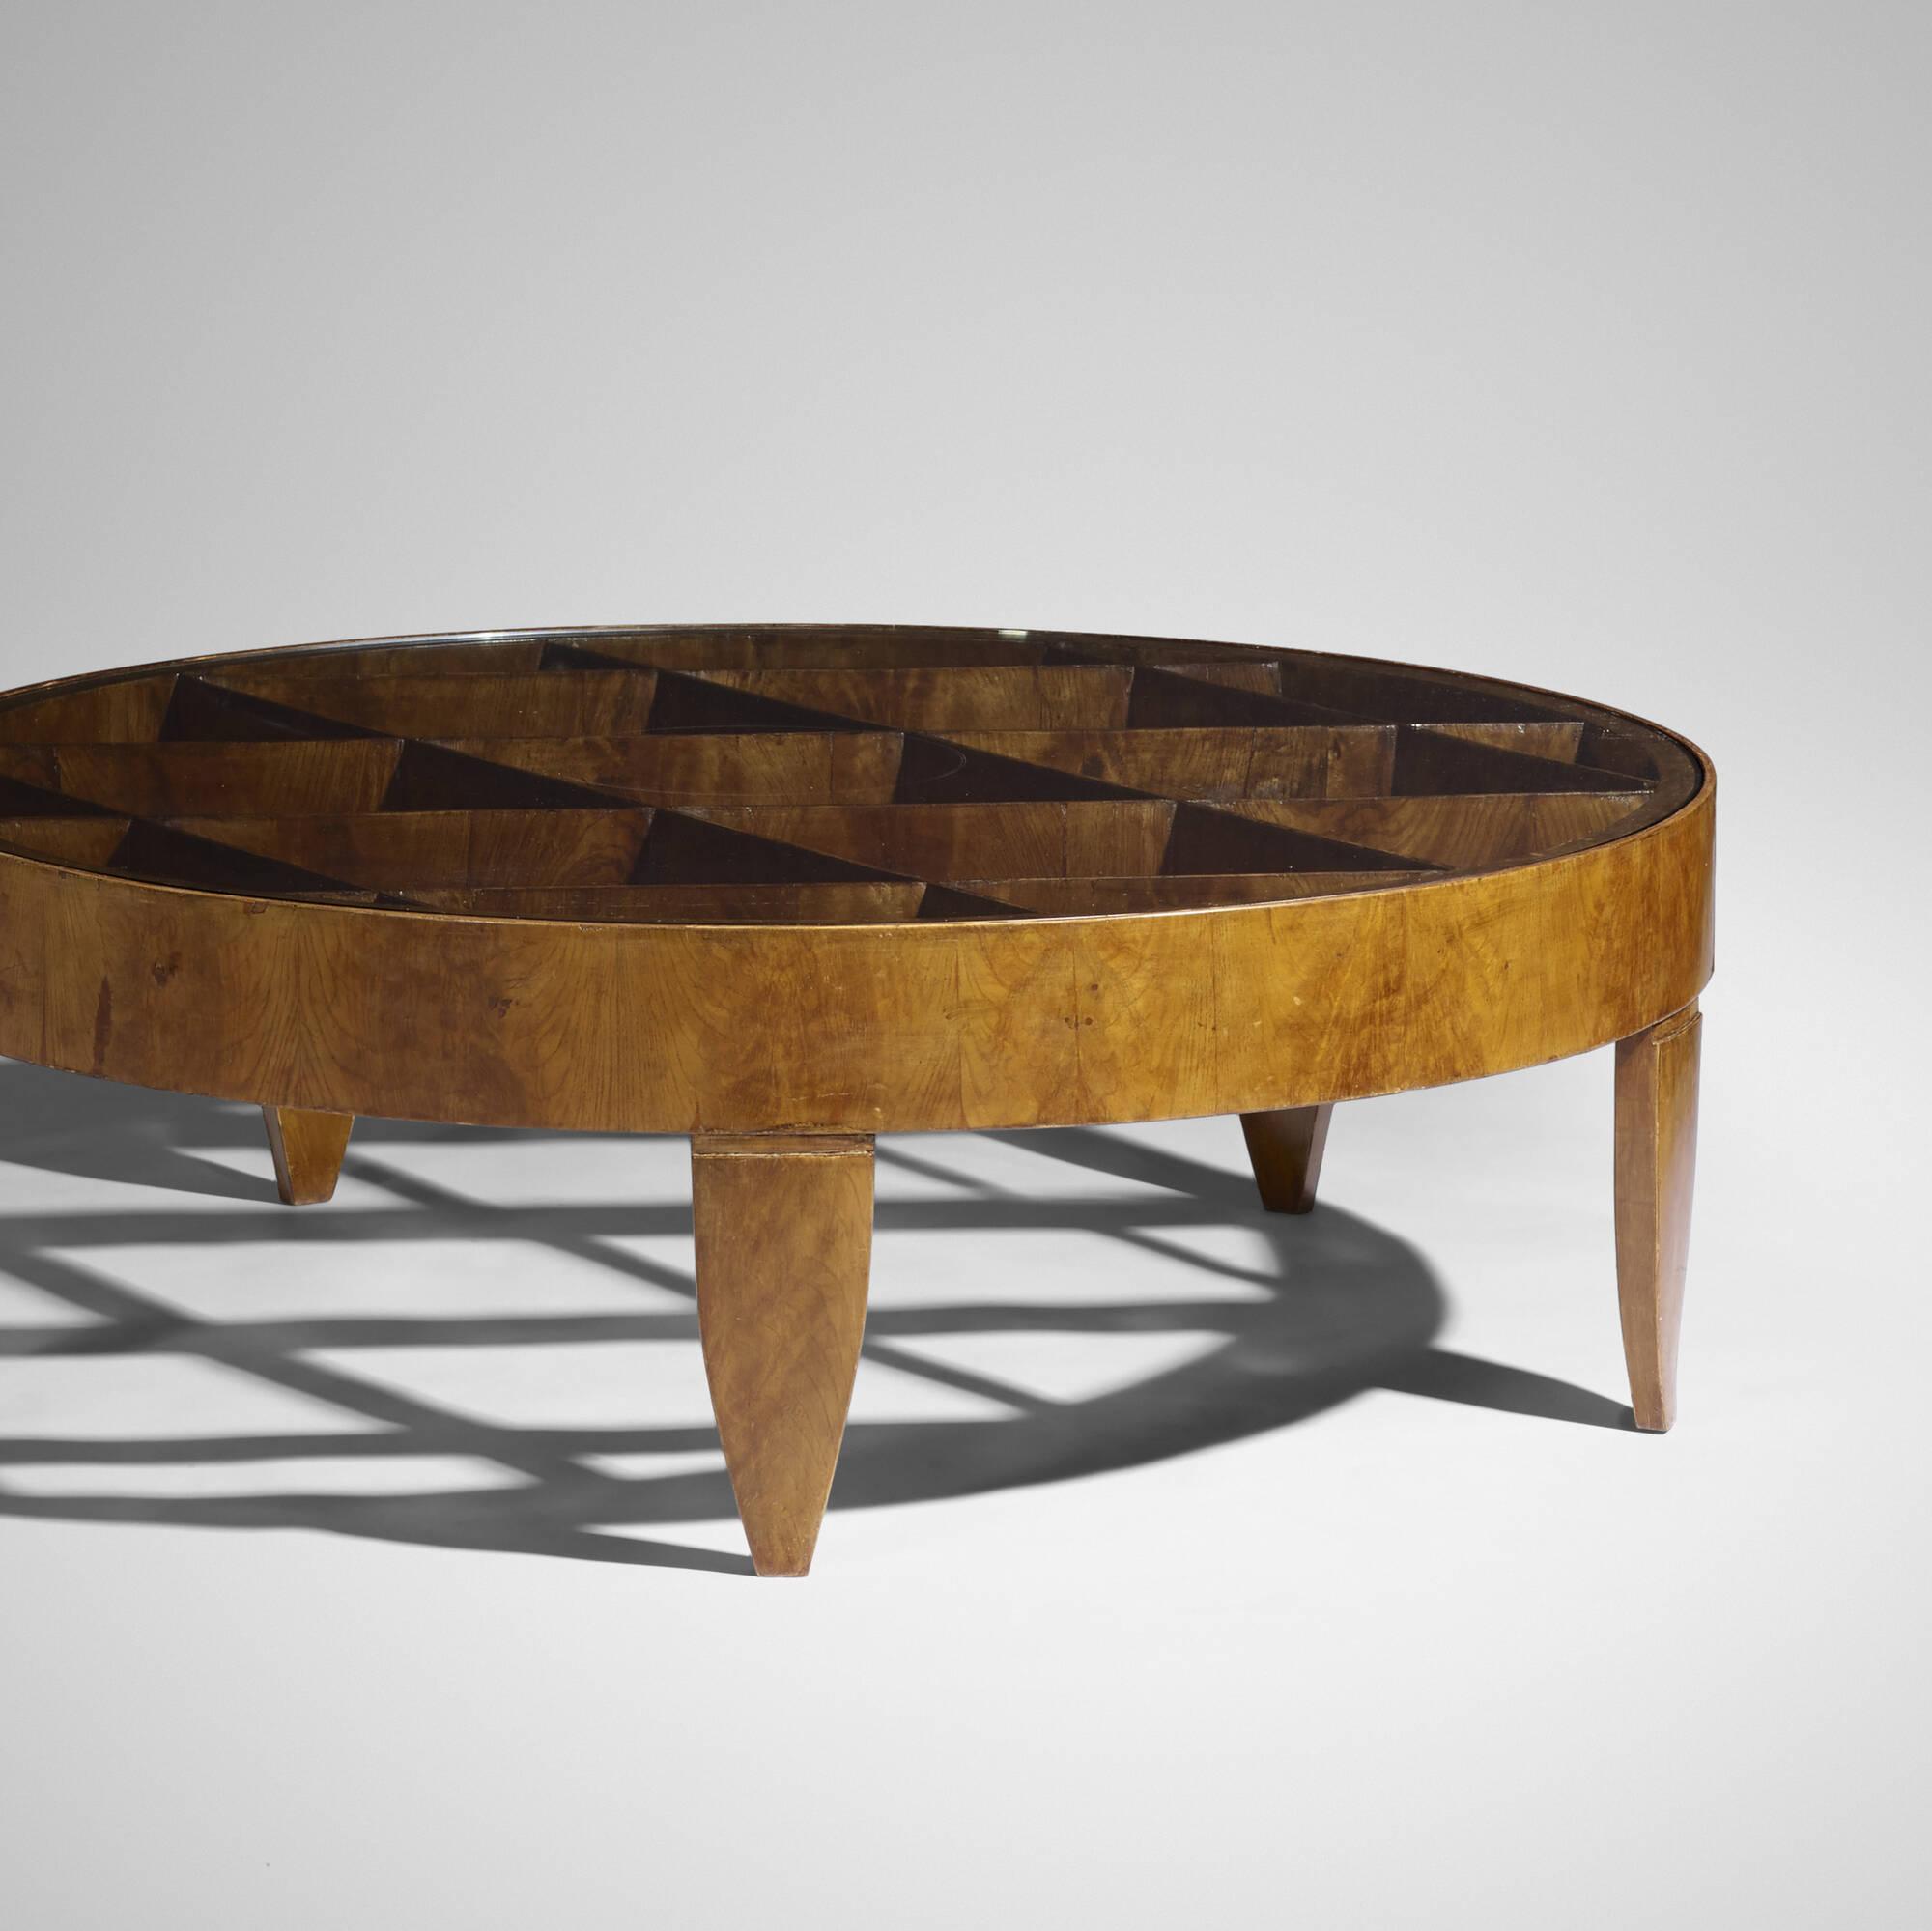 14 Gio Ponti, Rare Coffee Table